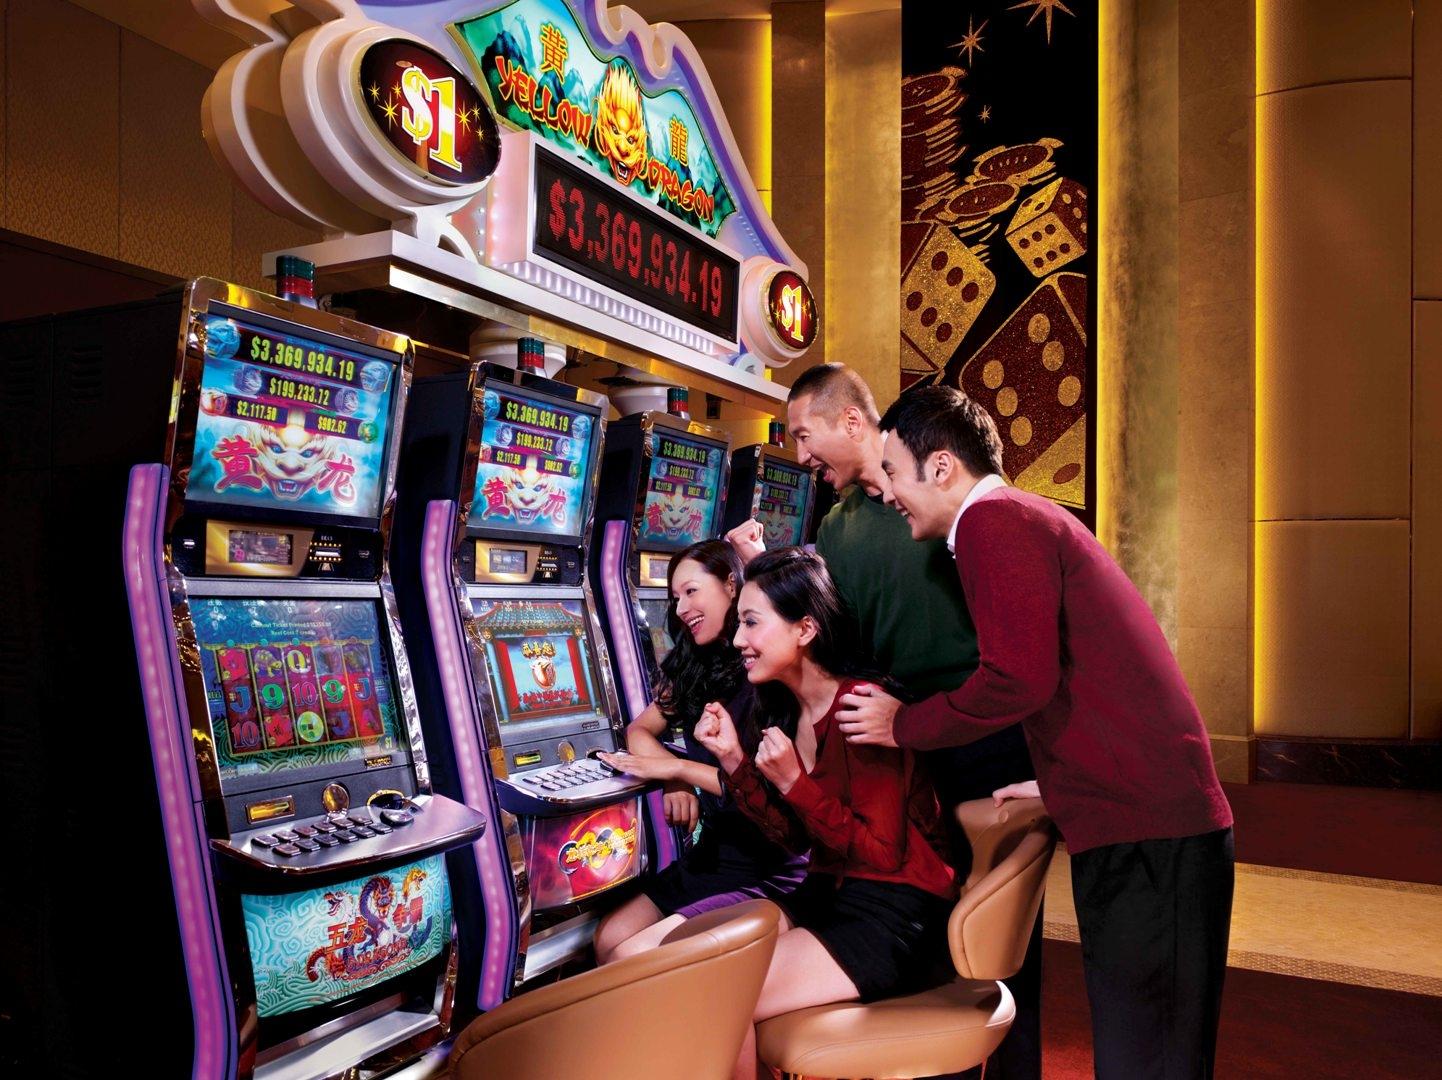 Casino and slot machine games